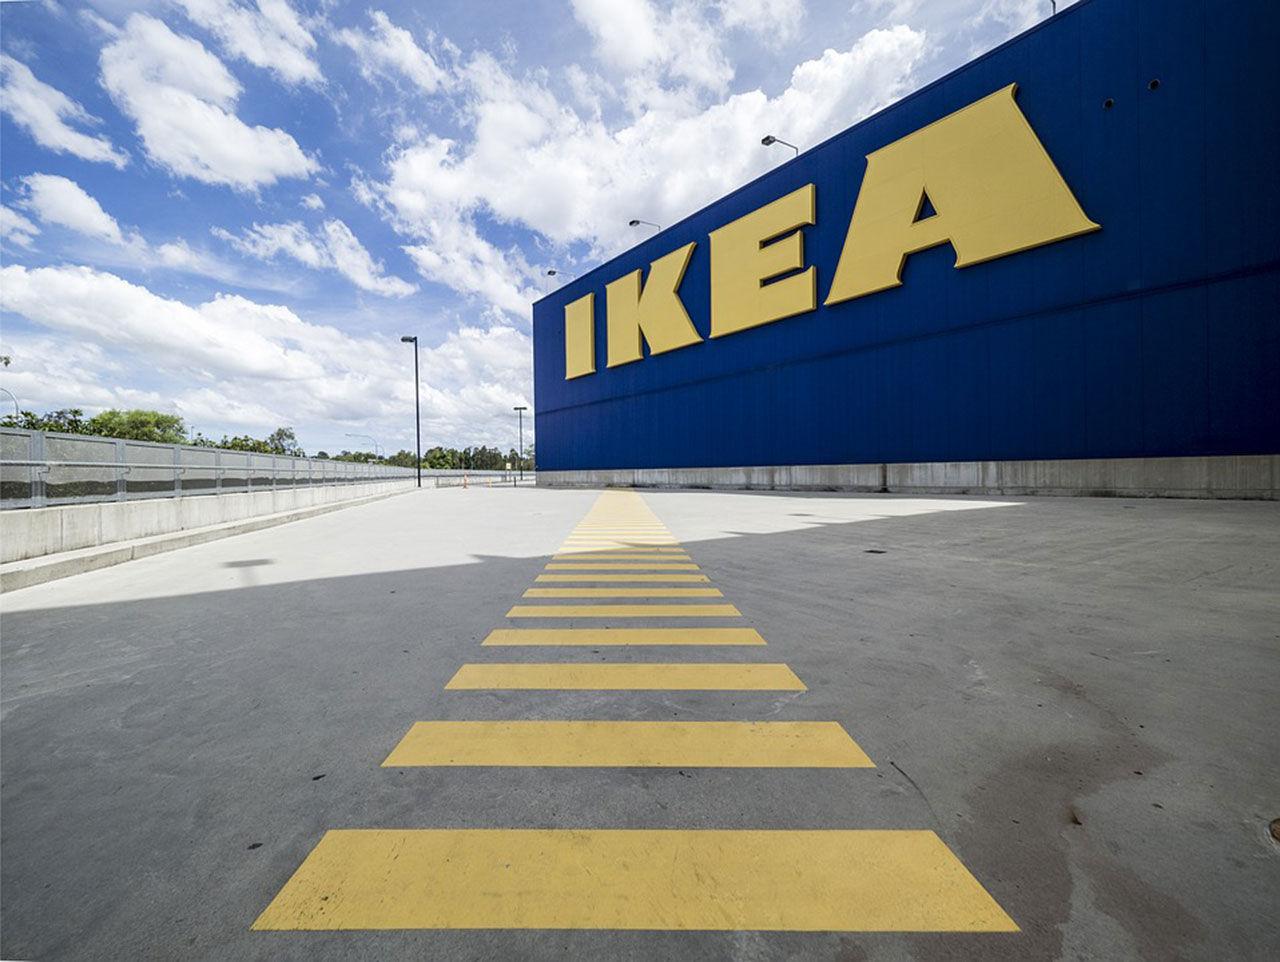 IKEA verkar ha omfattande möbelsajt på ingång